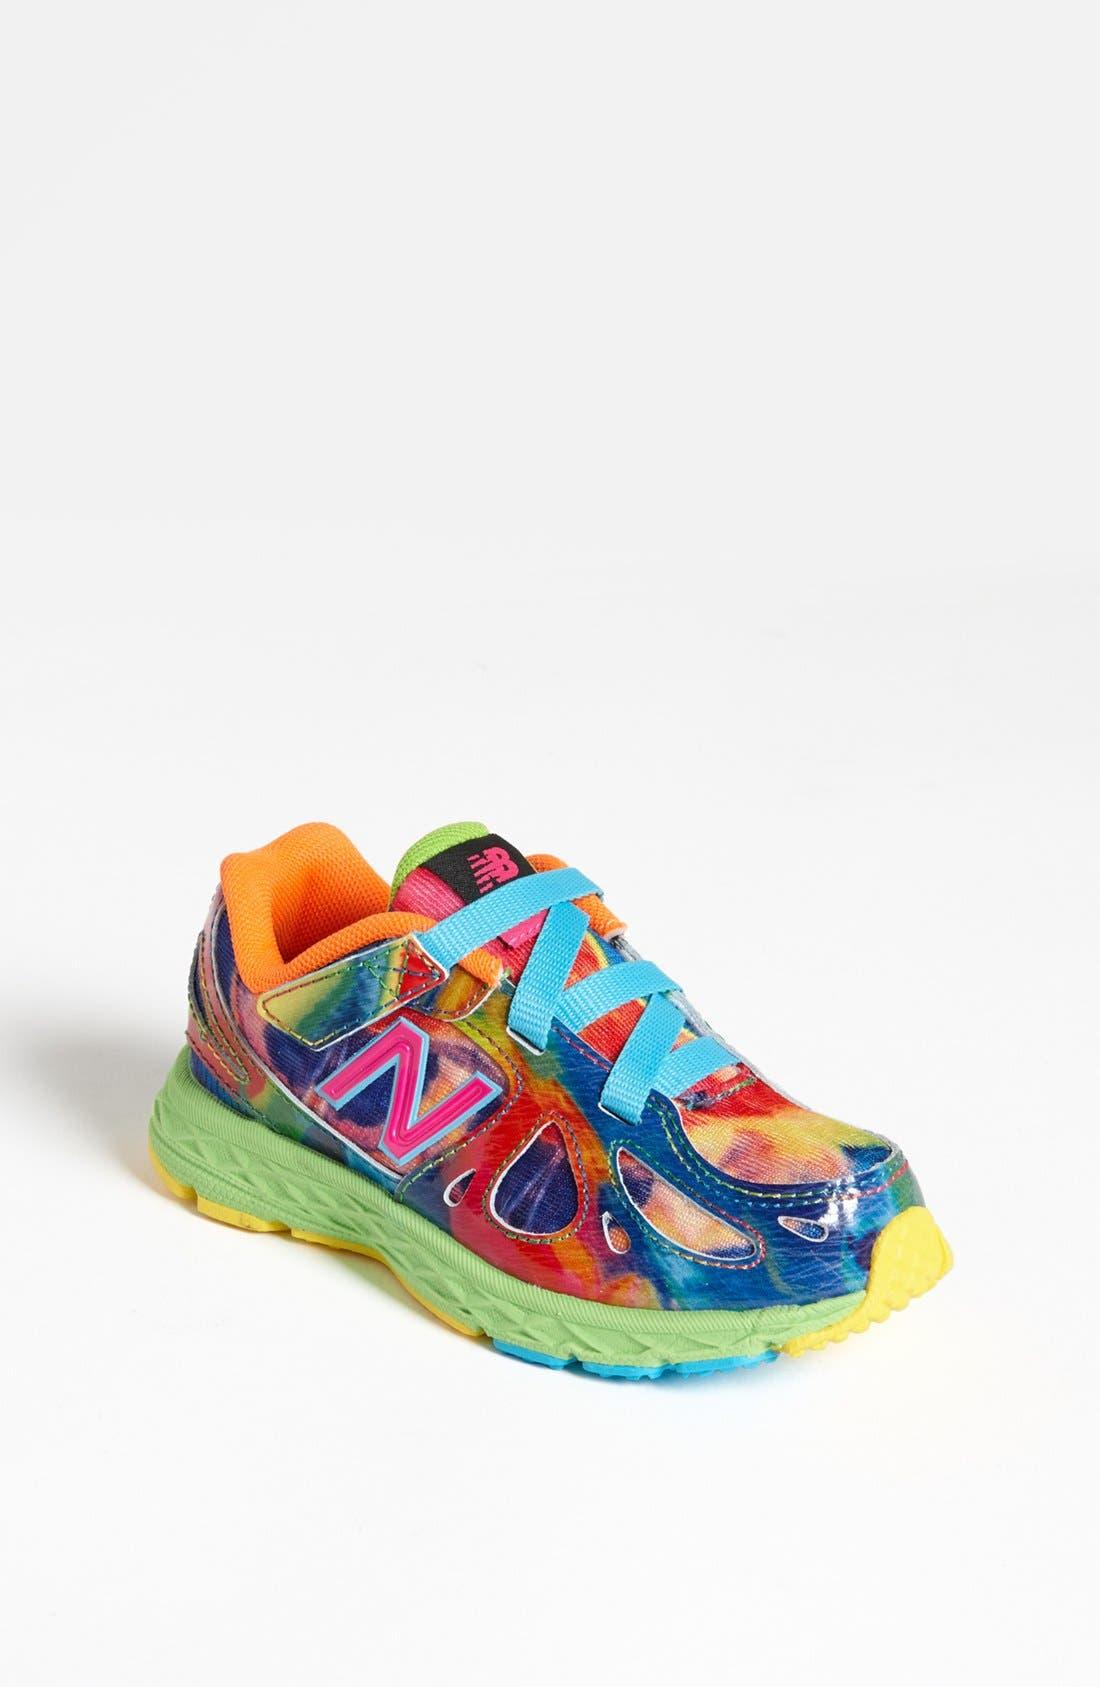 Alternate Image 1 Selected - New Balance '890 V3' Sneaker (Toddler)